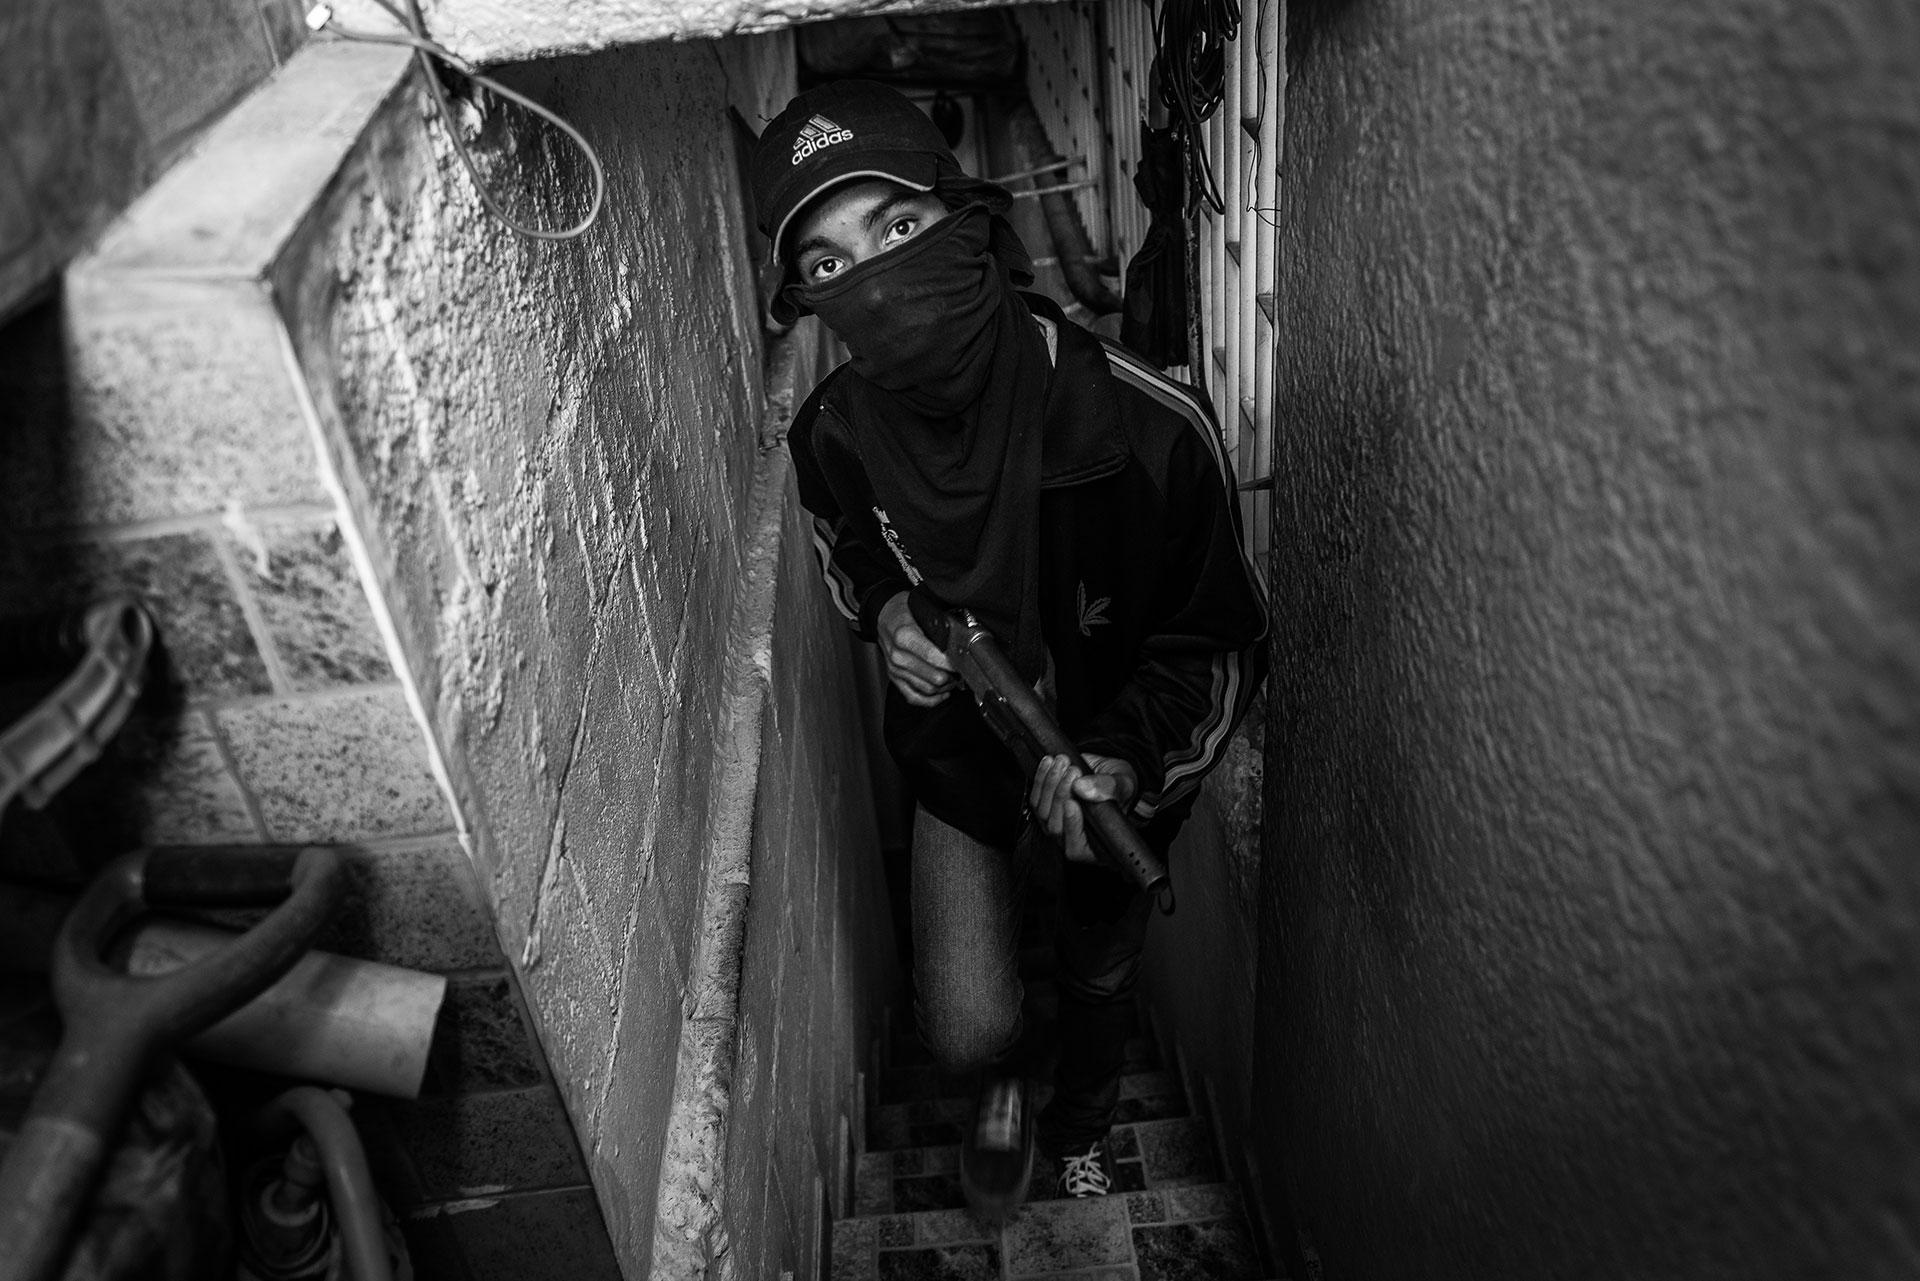 """Freddy (16 años), miembro de una banda de secuestradores, en un """"piso franco"""" en Caracas. Se unió a la banda cuando se dio cuenta de que las cosas eran difíciles en casa. """"Vi a mi mamá que luchaba para comprar harina, arroz, cualquier cosa. Ahí es cuando decidí unirme a la banda, para poder comprar algo de comida para mis hermanos pequeños. Empecé como un ladrón pero ahora me han dado un arma para participar también en secuestros"""", explica."""